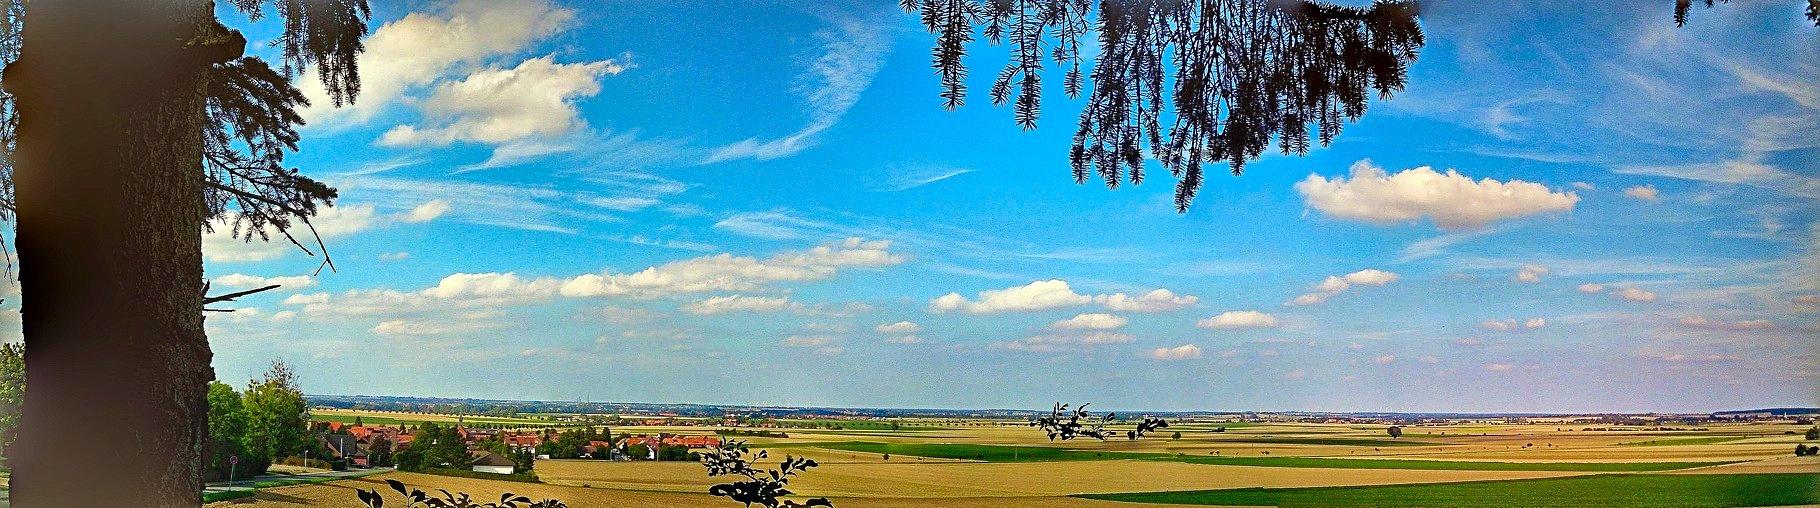 ~ Bild: Pano(d)rama Ottbergen, Aussicht Schutzhütte (Wischpanorama) ~